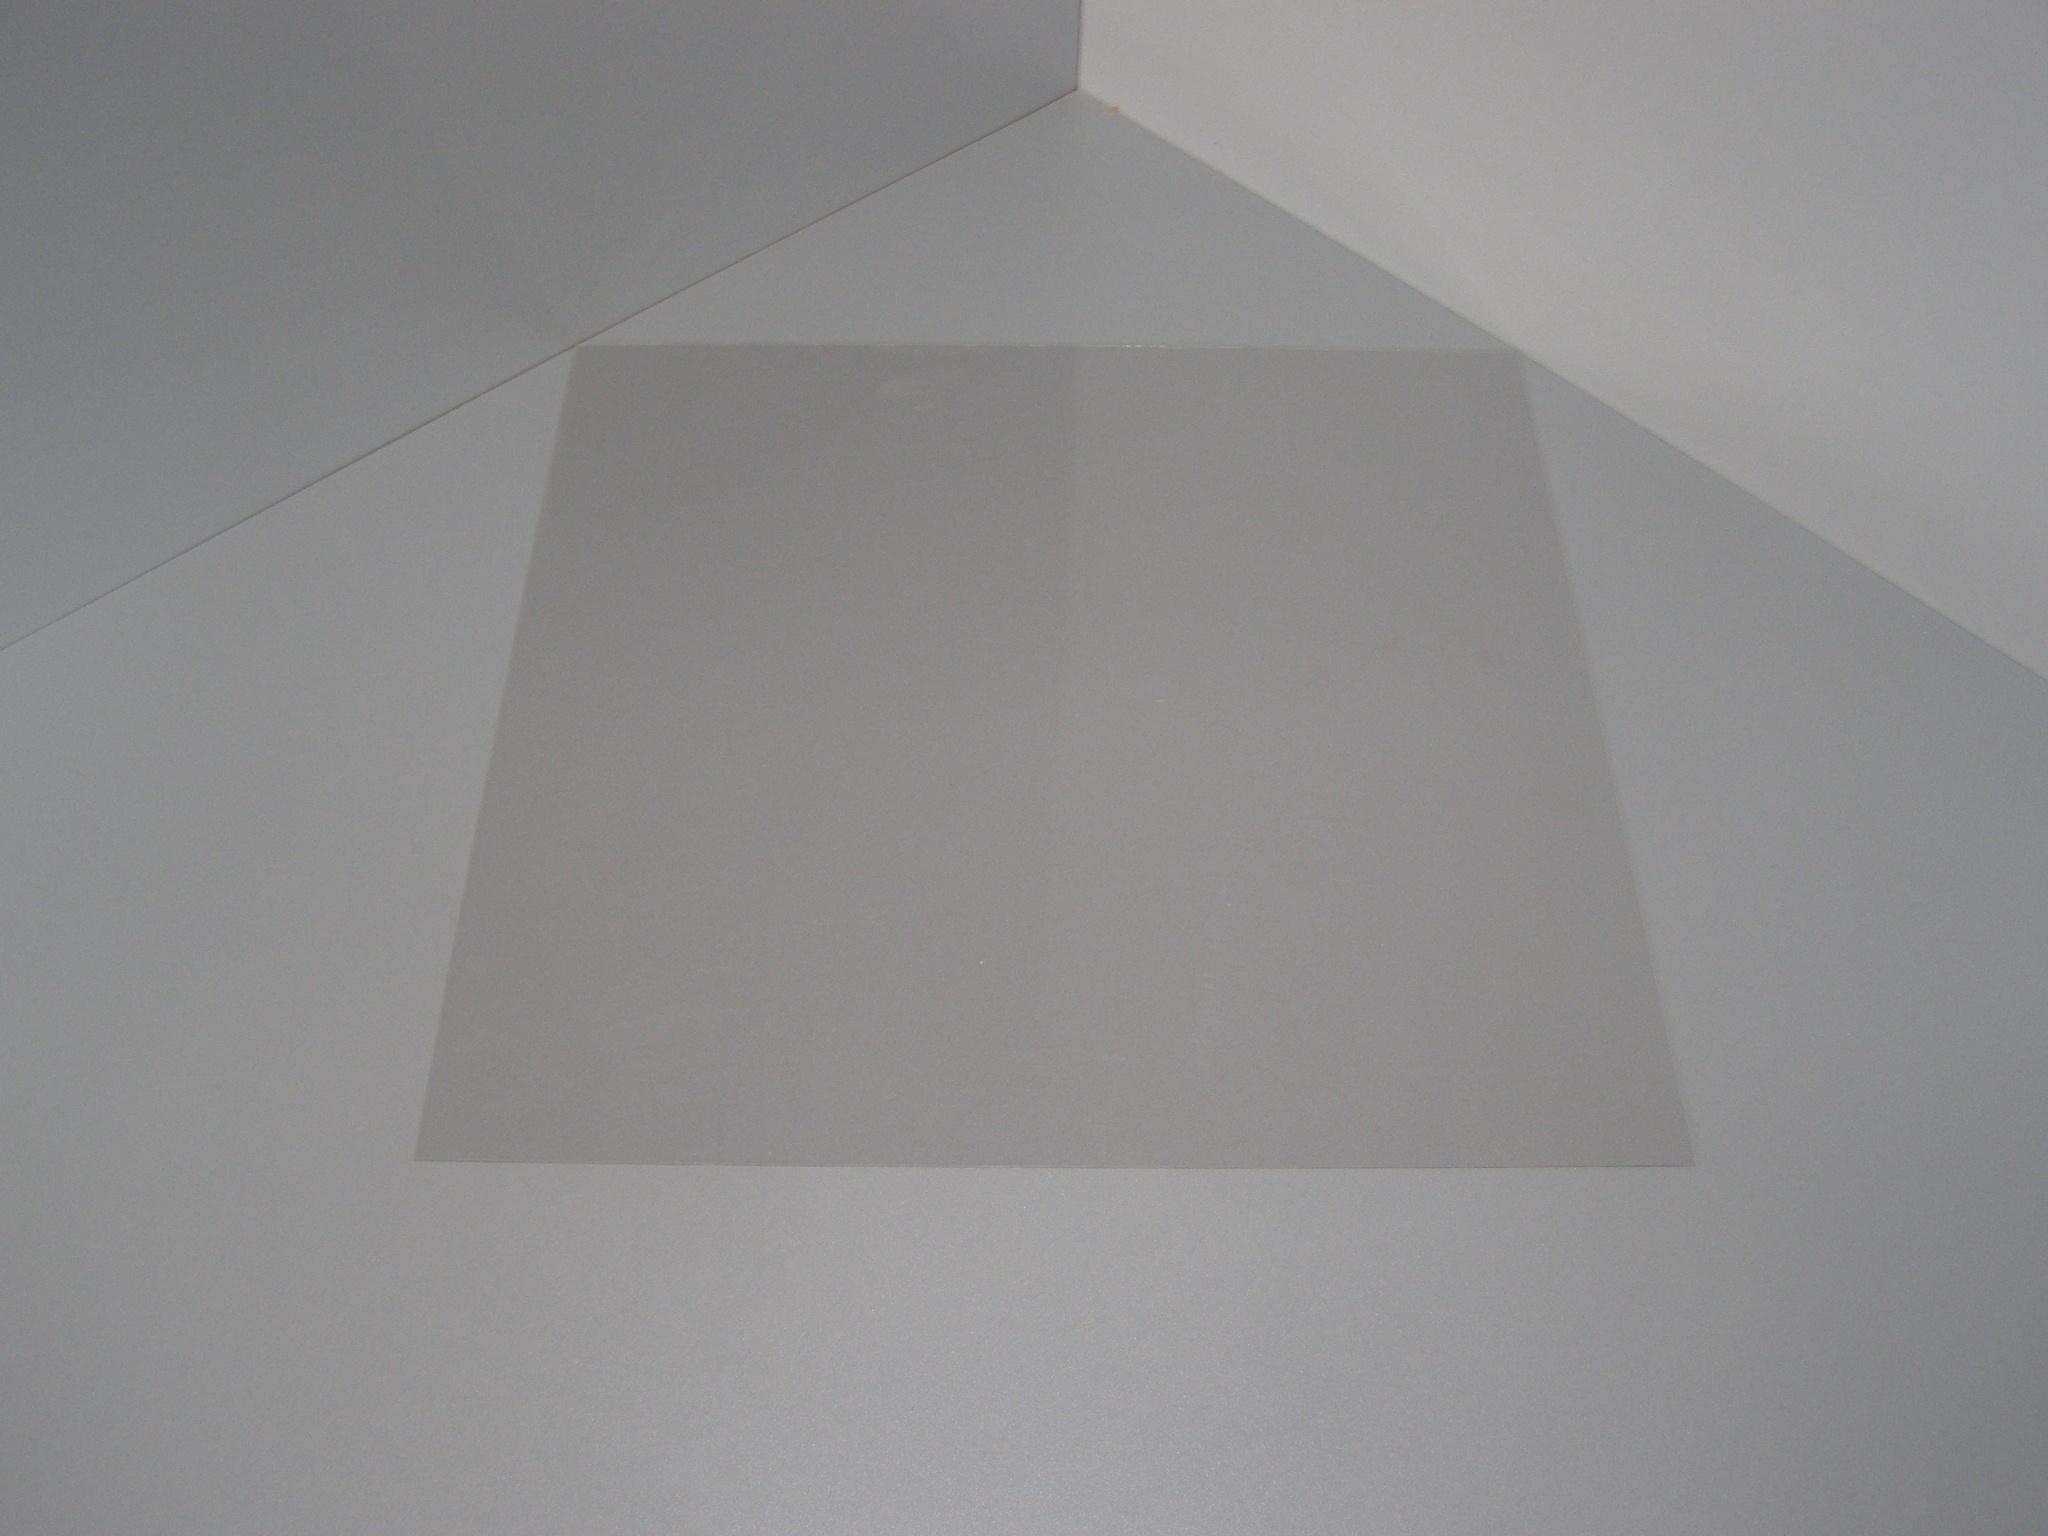 Strůpková folie do včelího úlu 39x24/ 455x455x0.5mm